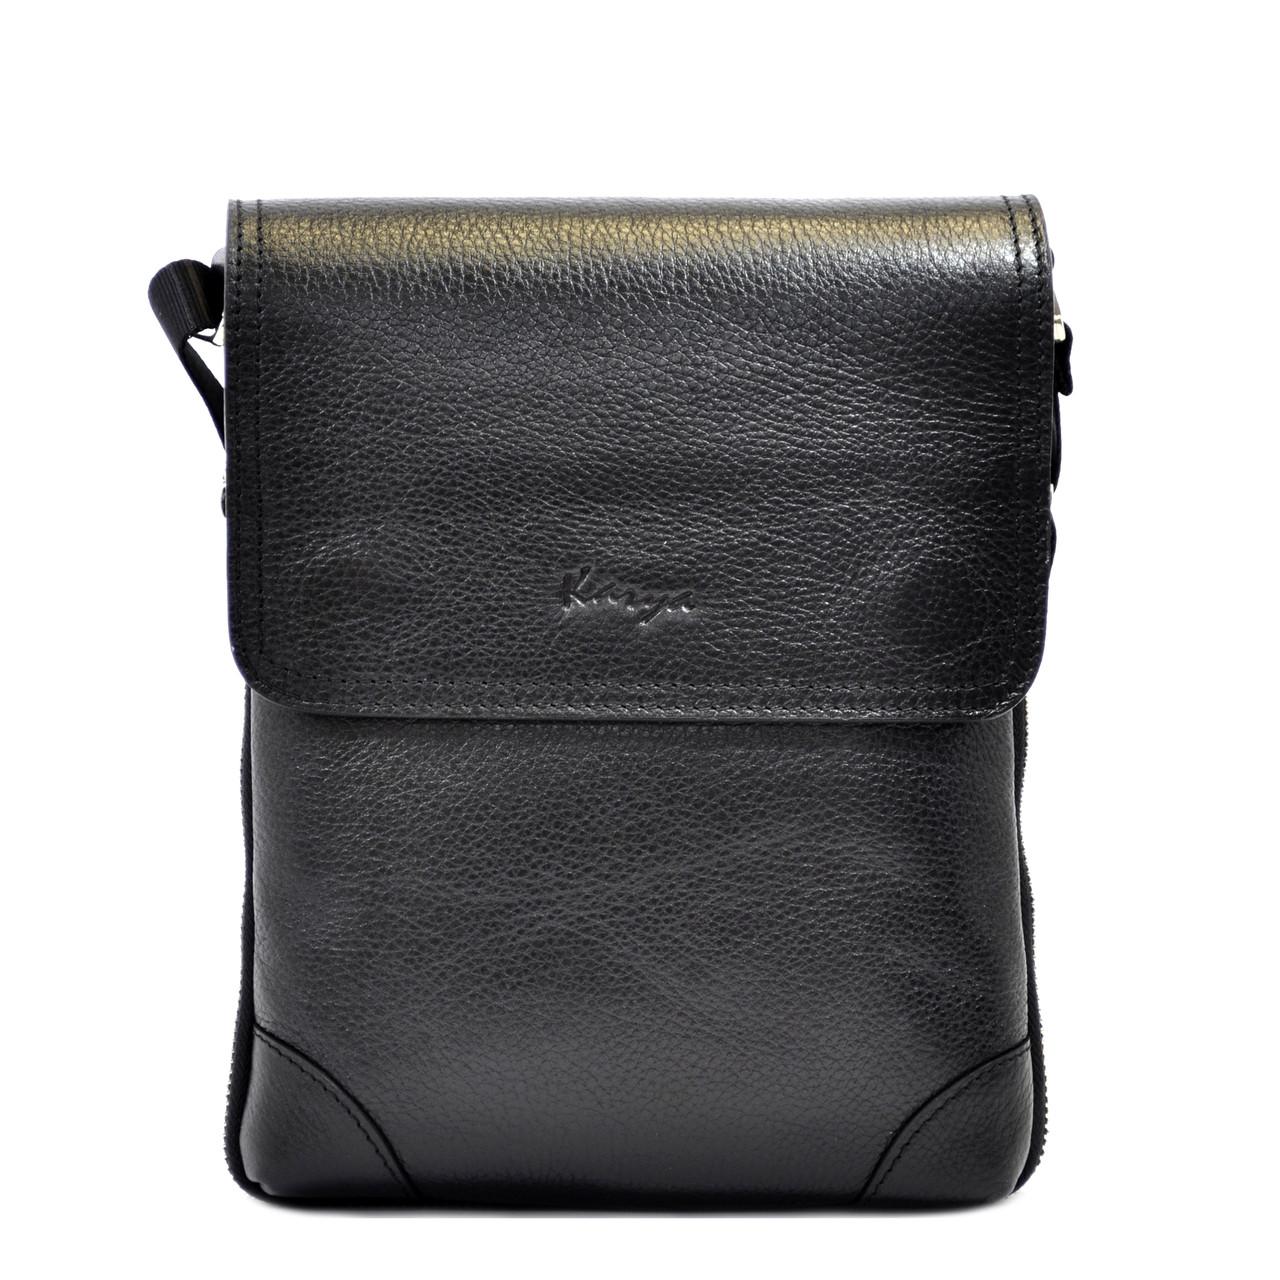 Мужская сумка Karya из натуральной кожи